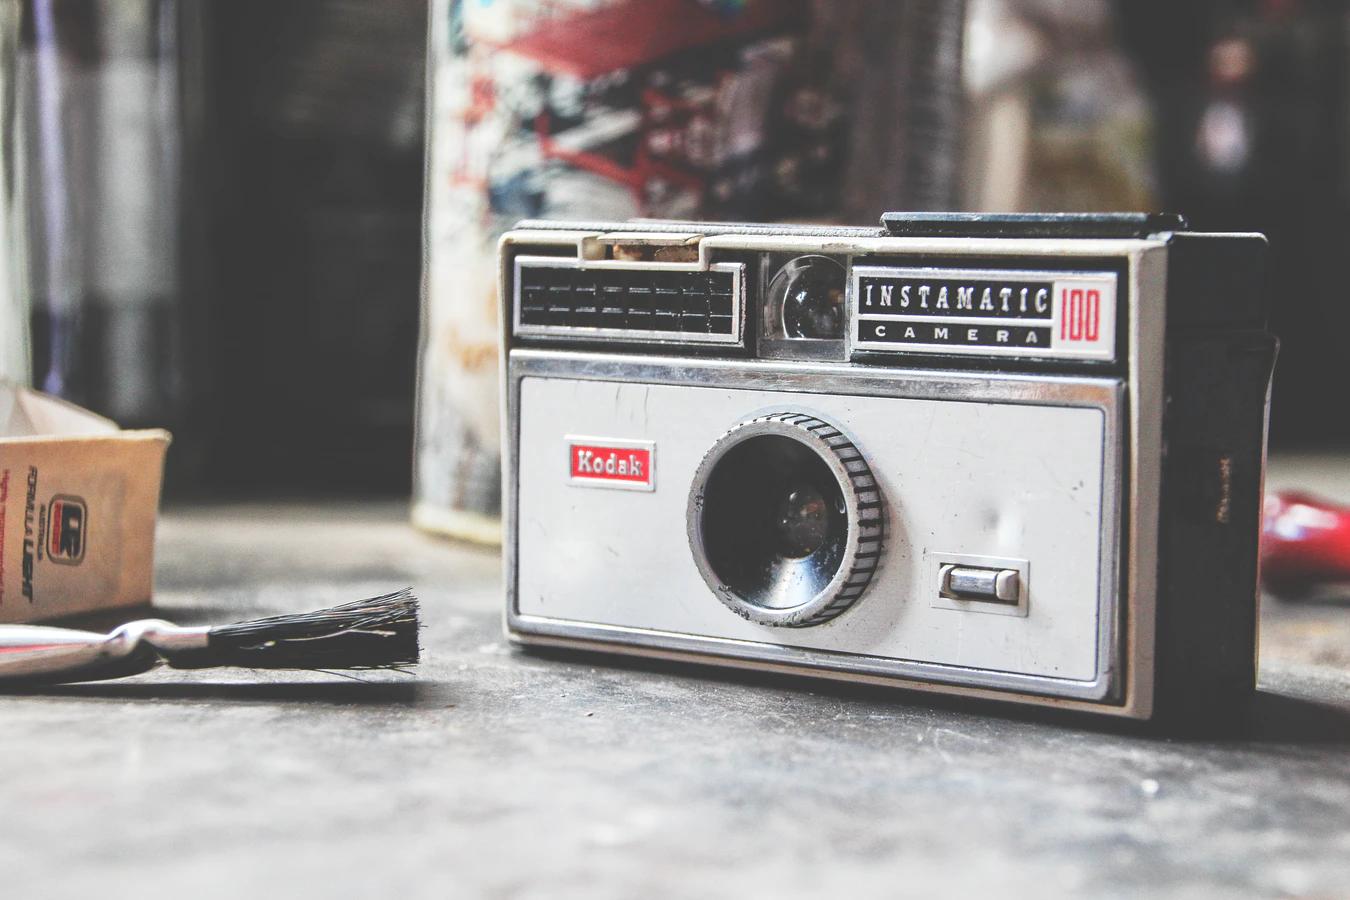 Uma câmera de impressão instantânea.